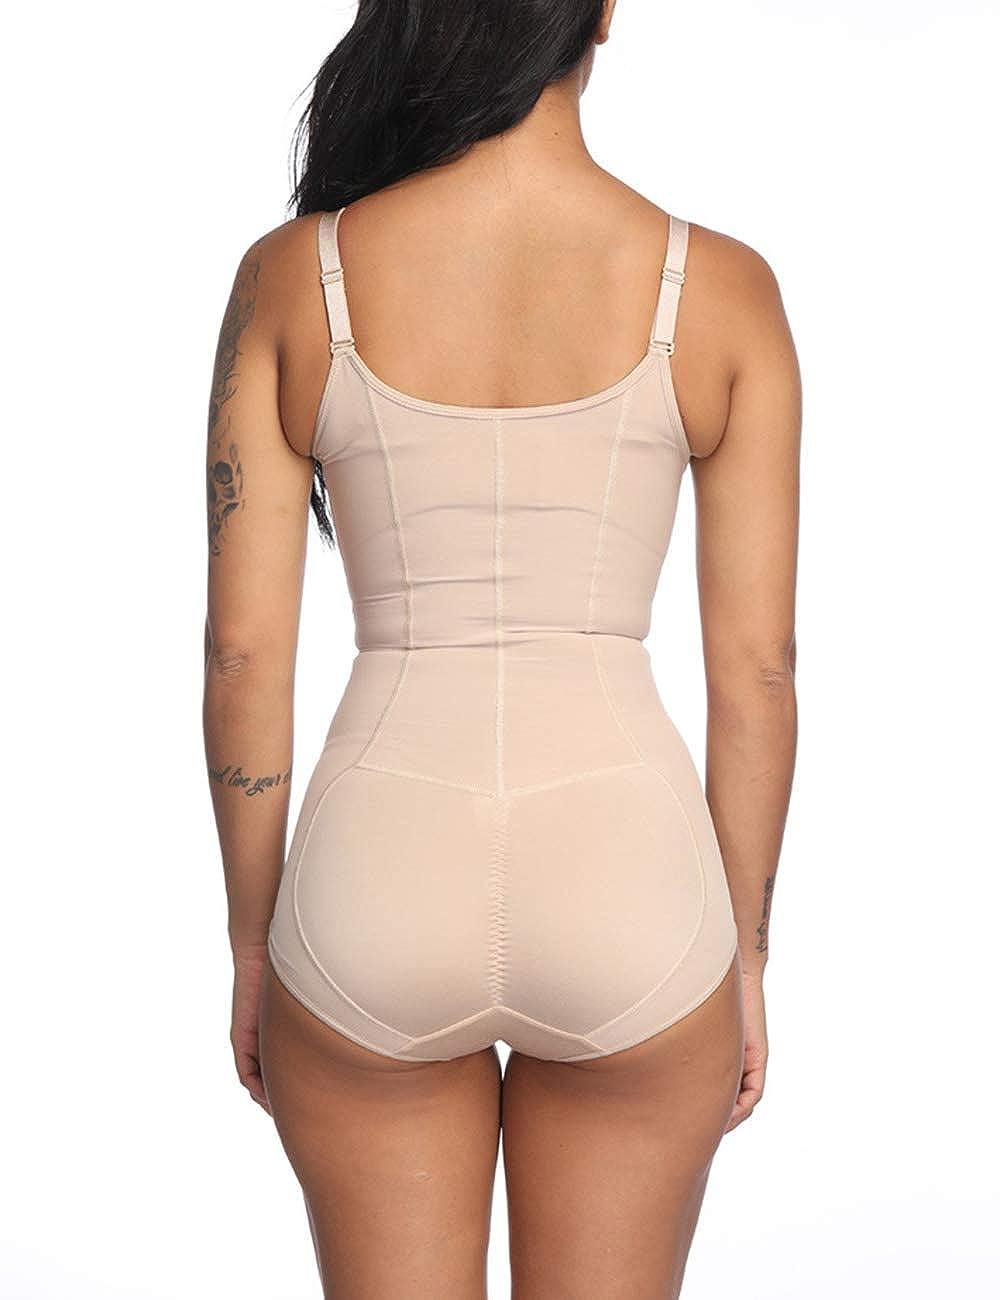 FeelinGirl Womens Shapewear Underwear Waist Butt Lifter Open Bust Shaper Firm Control Lace Crotchless Bodysuit